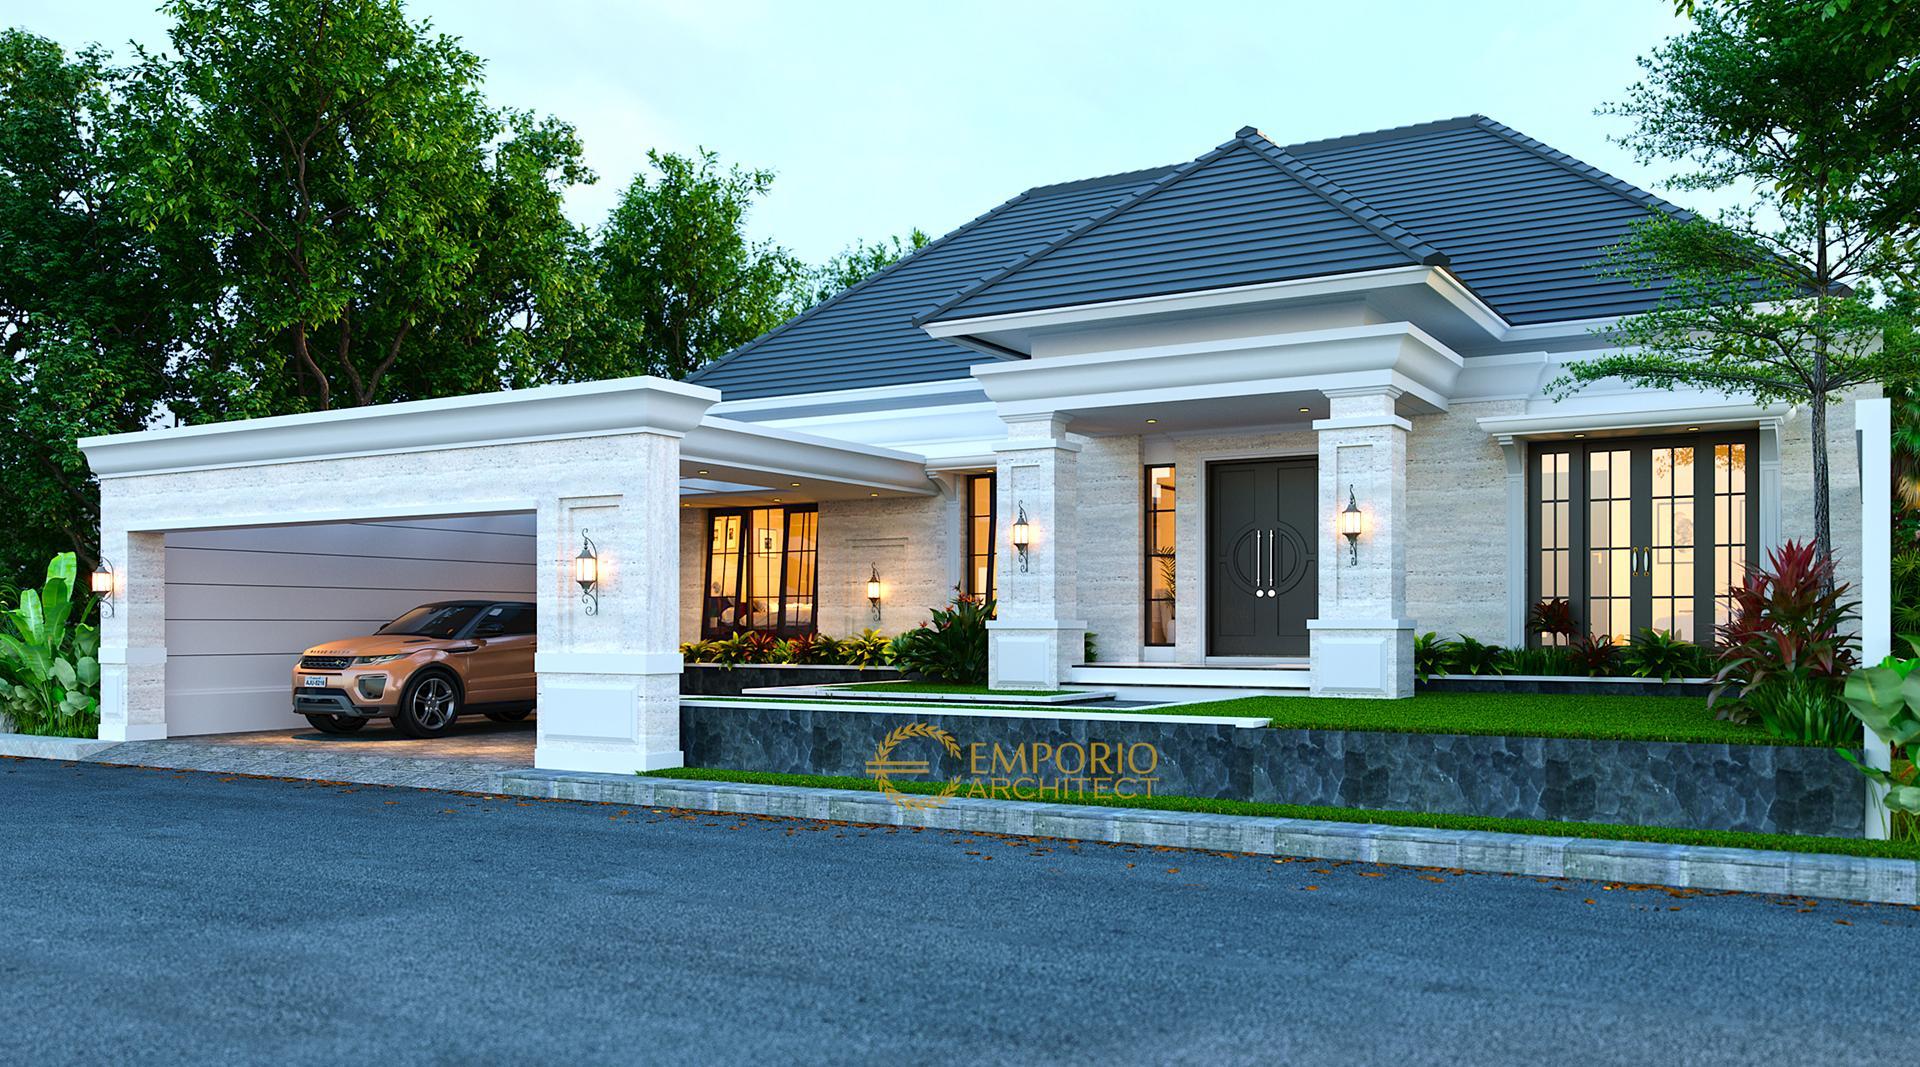 Desain Rumah Classic 1 Lantai Bapak Arip Di Magetan, Jawa Timur